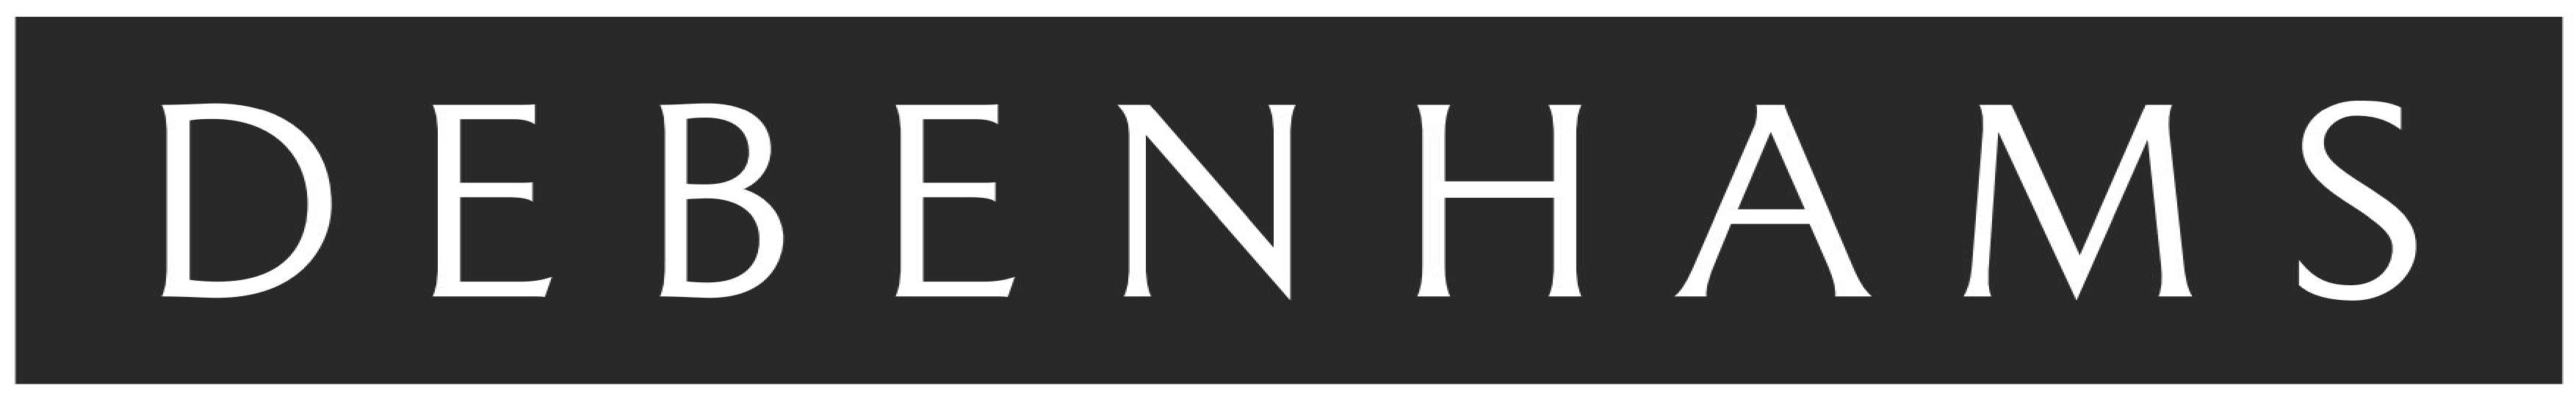 debenhams-logo